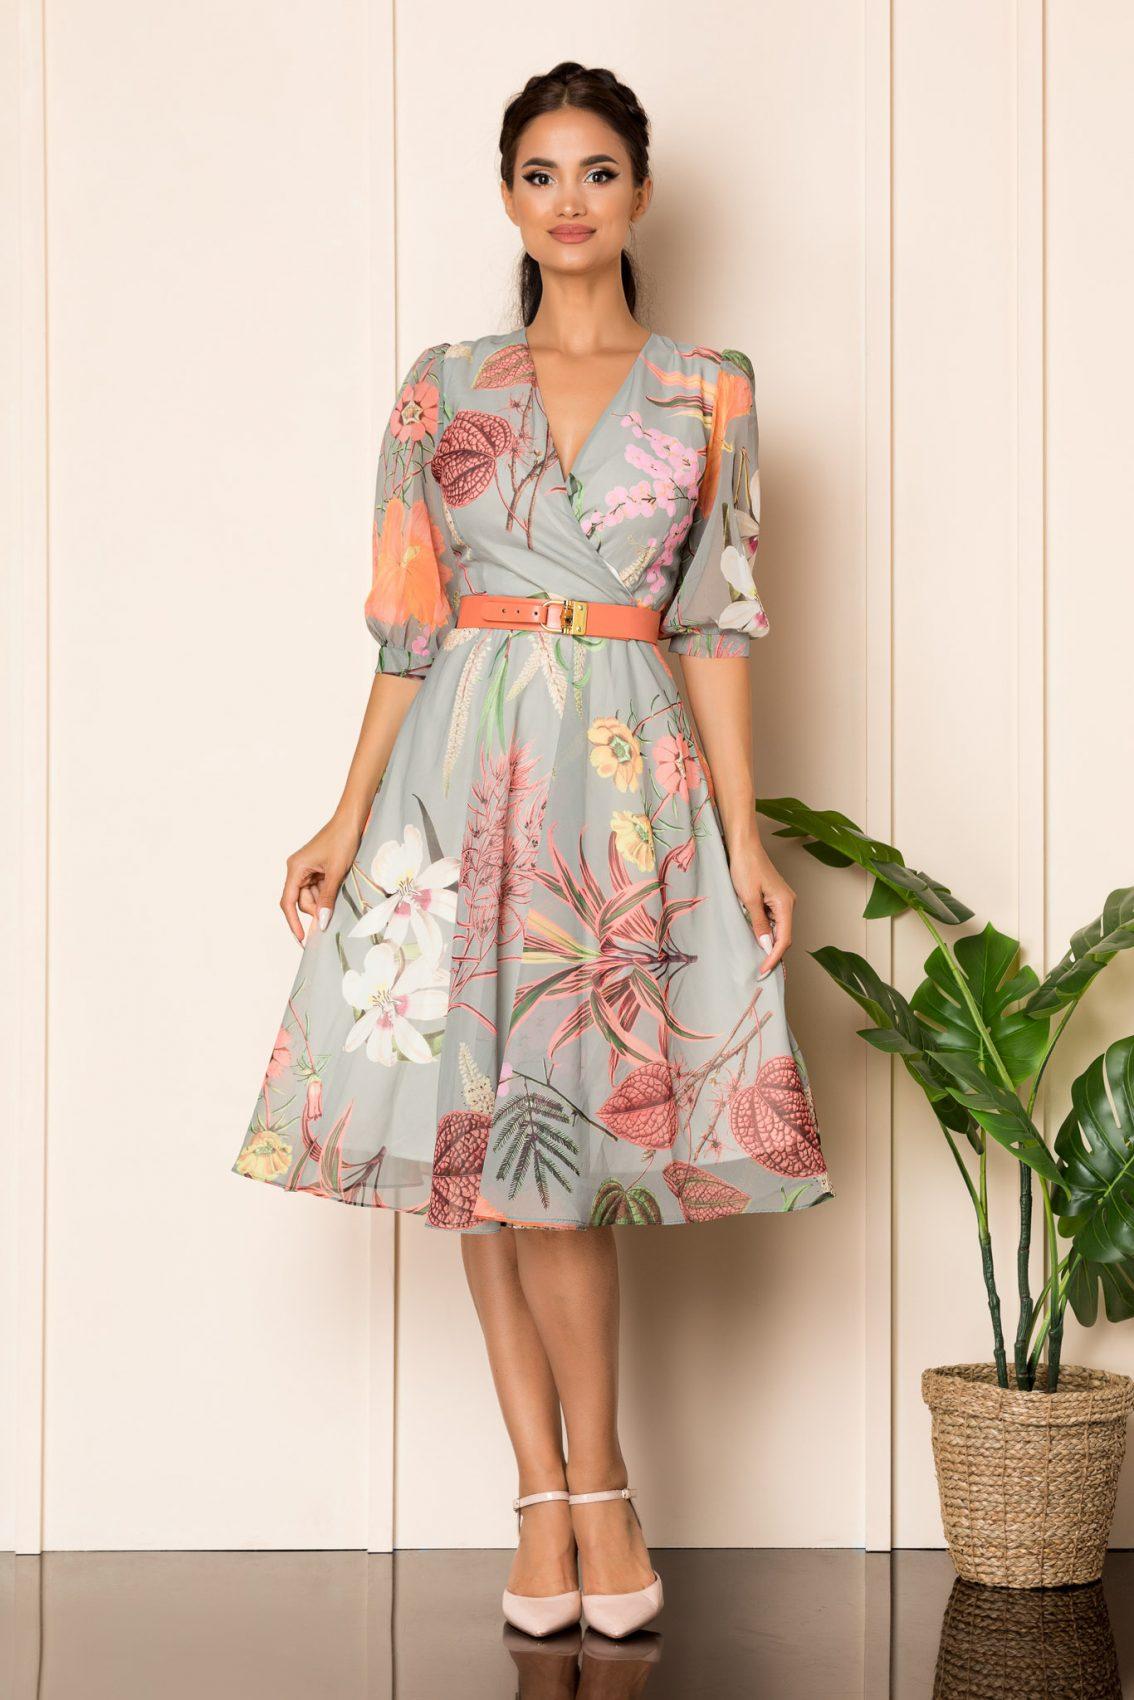 Γκρι Μίντι Εμπριμέ Φόρεμα Με Ζώνη Ynesa A798 1